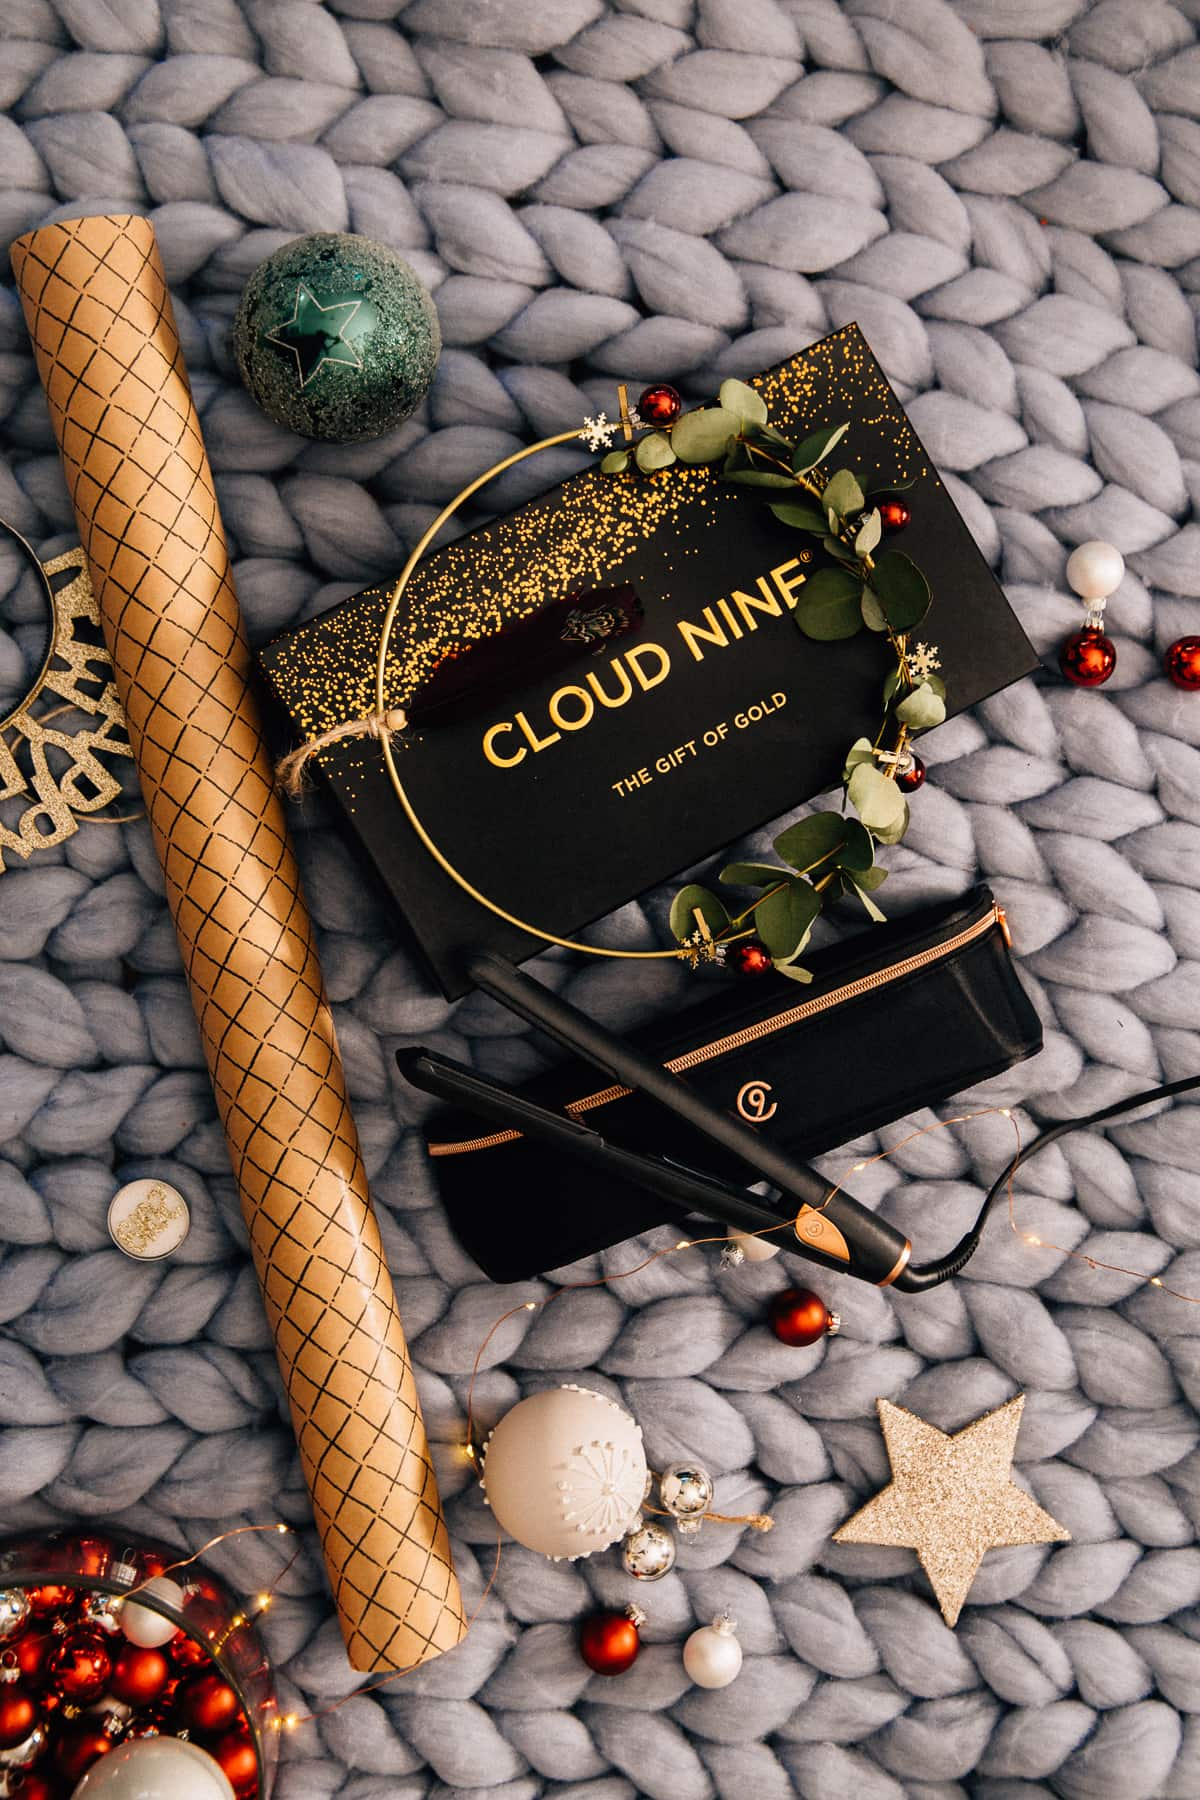 Adventskalender Türchen 22: Cloud Nine Glätteisen im Wert von 209 Euro